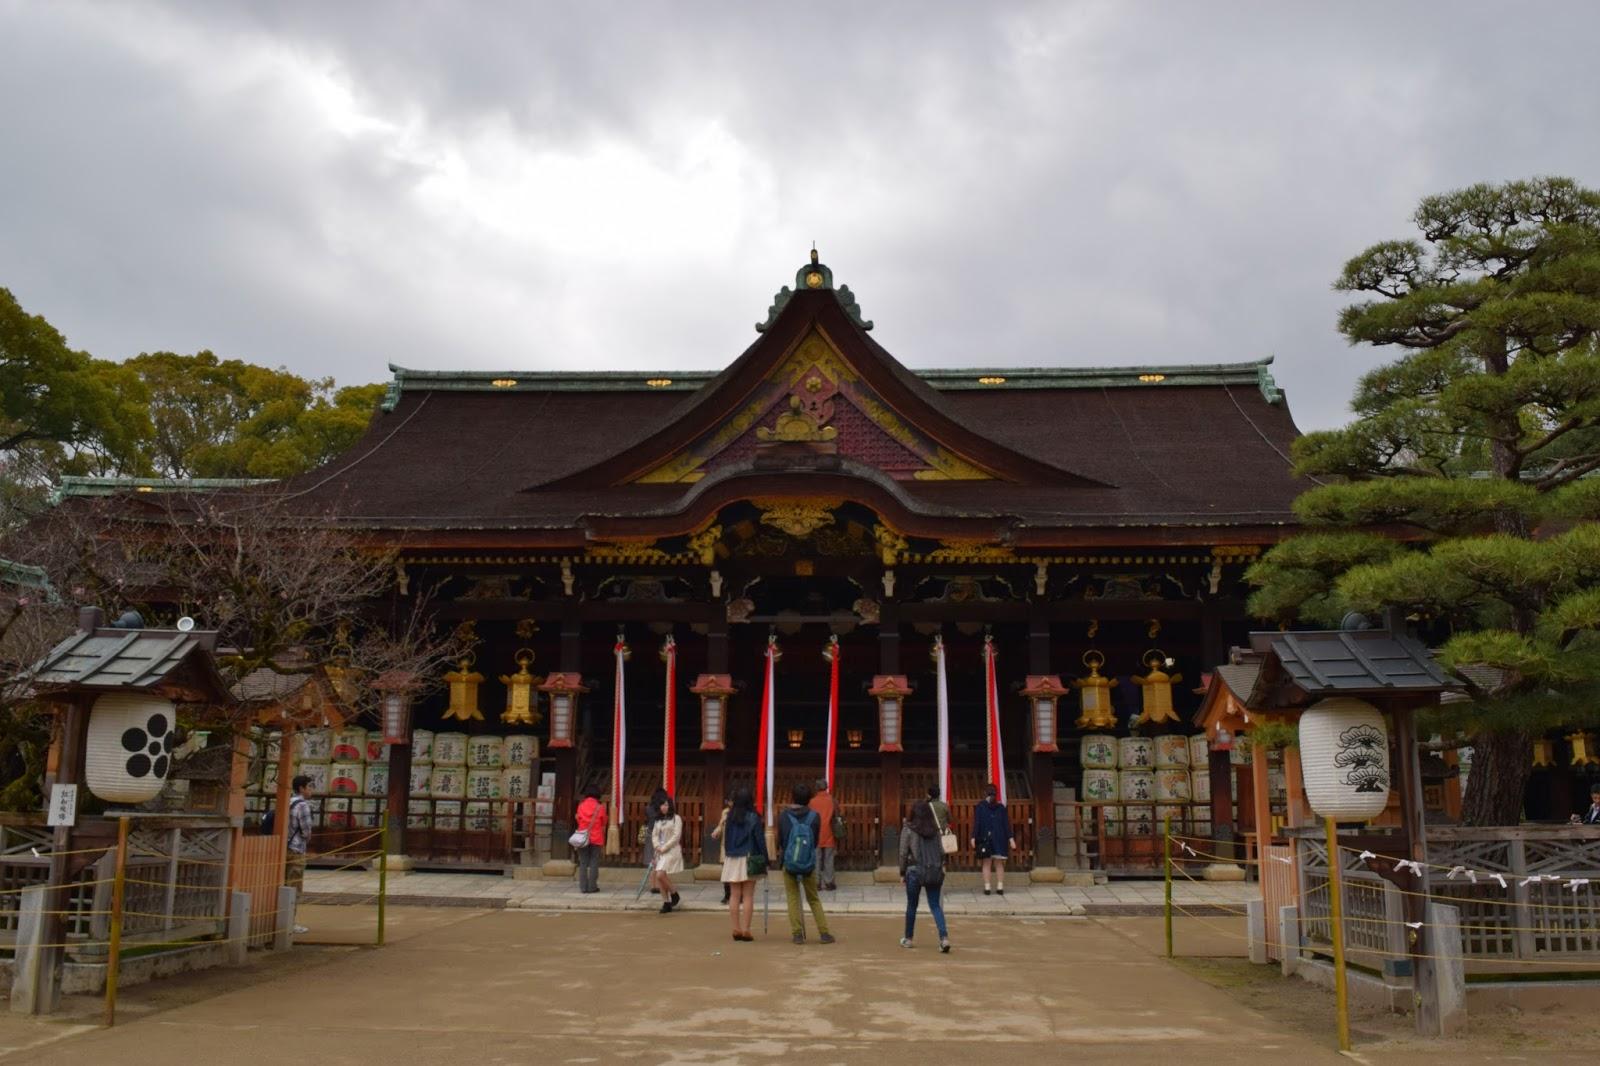 Kyoto Kitano Tenmangu